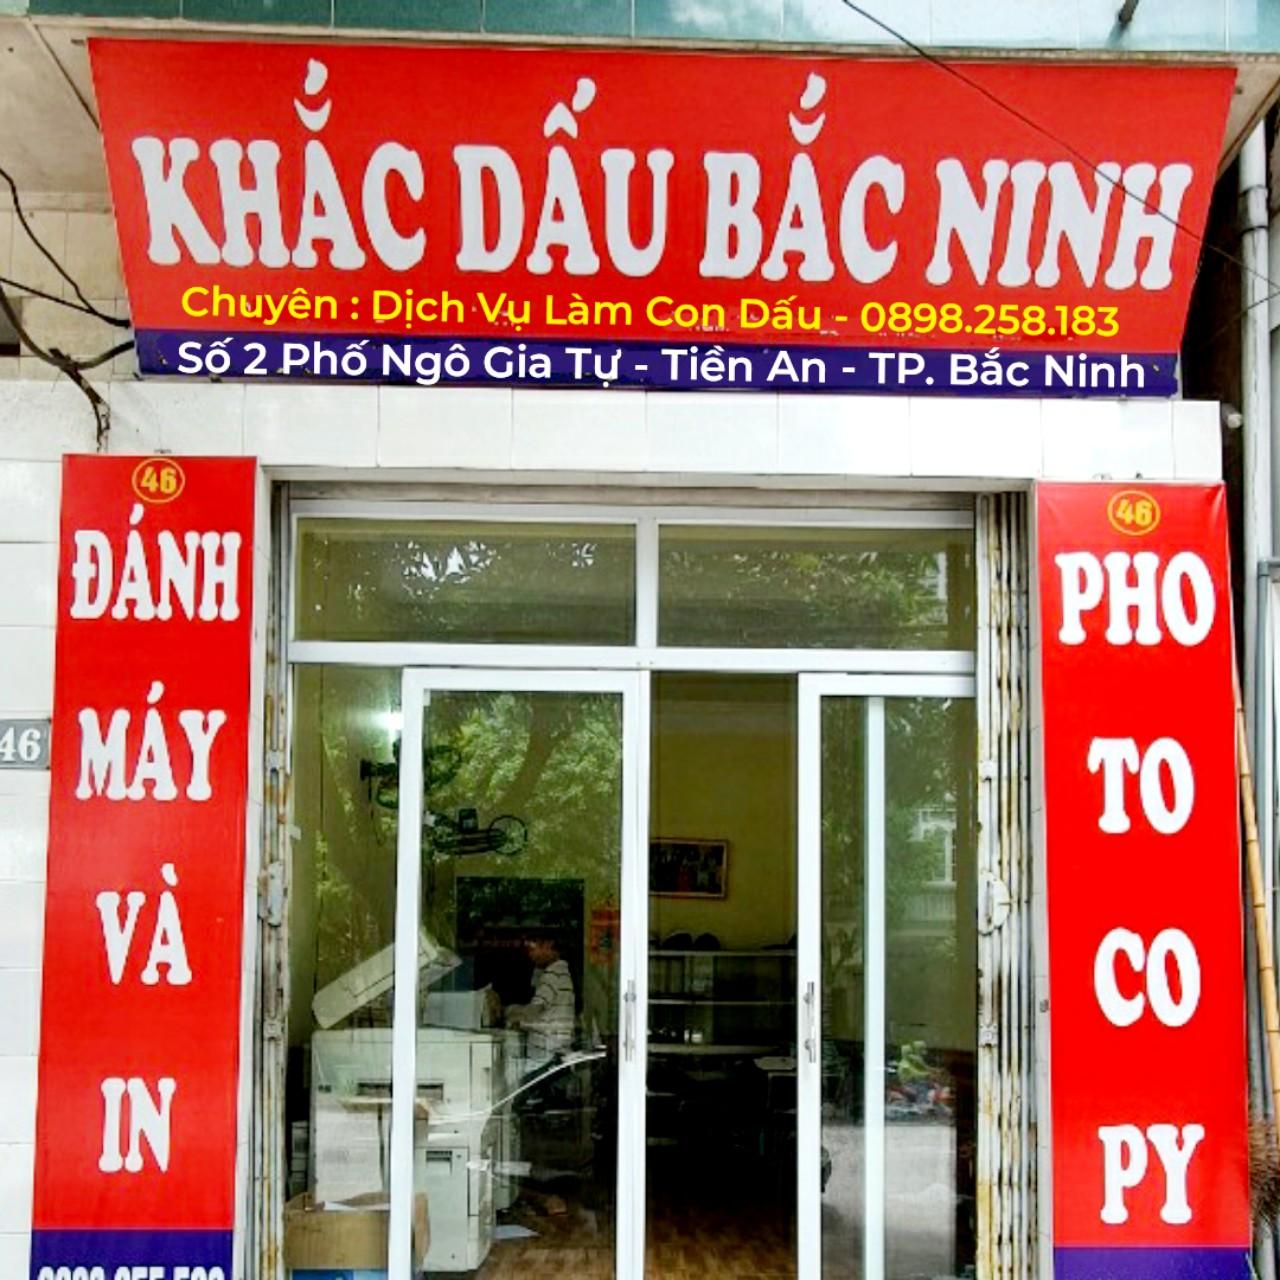 Cửa hàng làm con dấu tại Bắc Ninh, chuyên cung cấp dịch vụ khắc Dấu Giá Rẻ Tại Bắc Ninh.